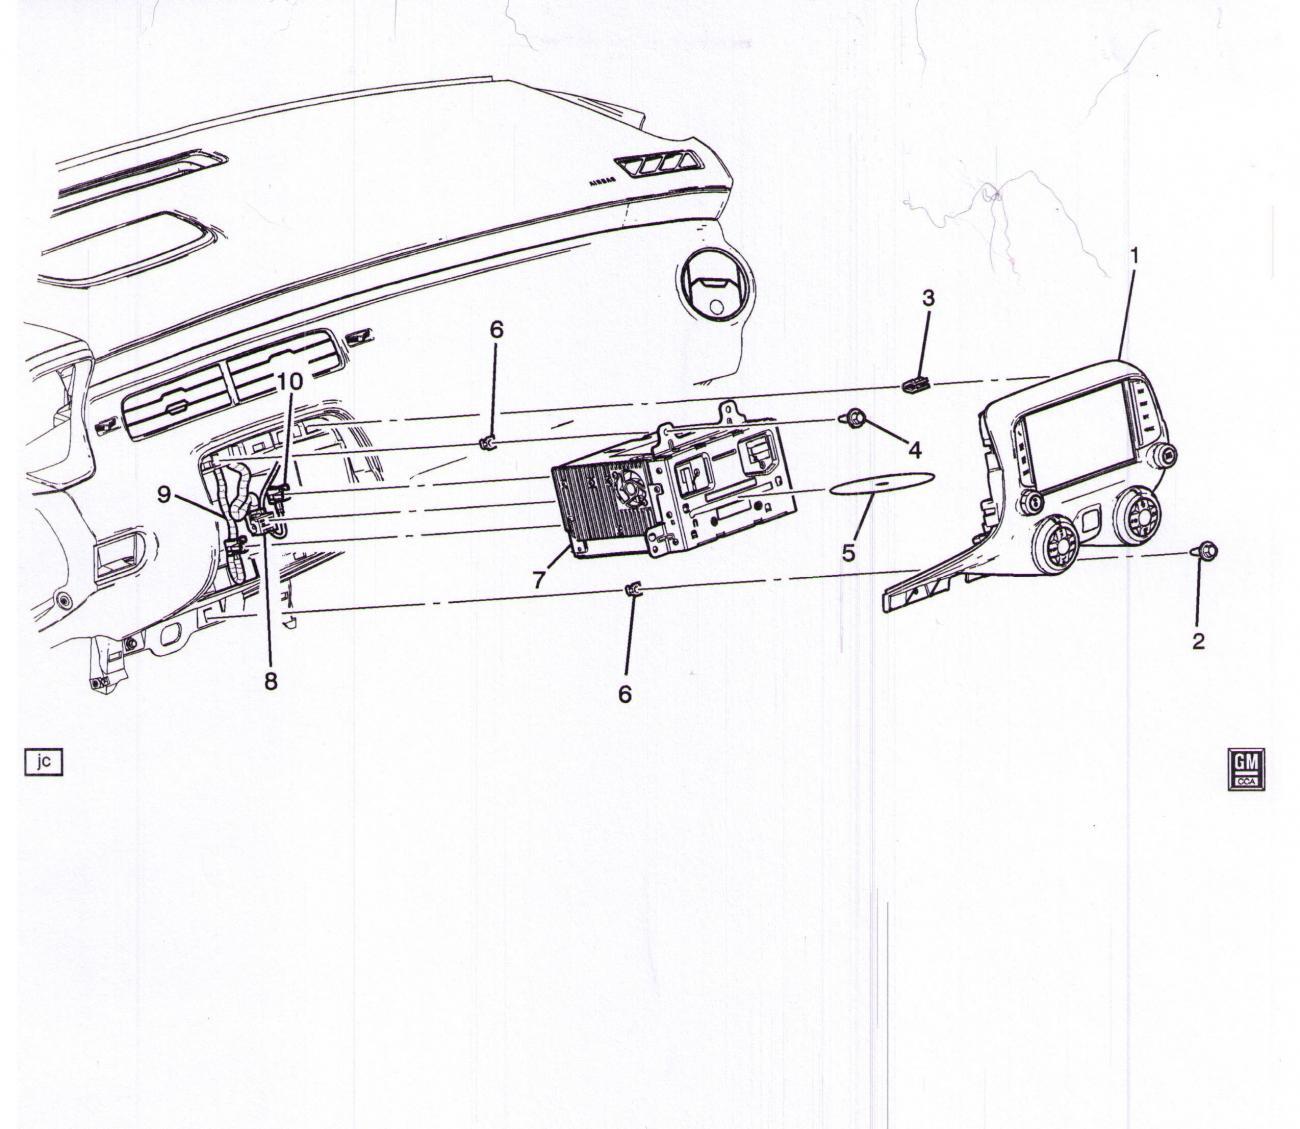 2010 camaro ss wiring diagram auto parts diagrams